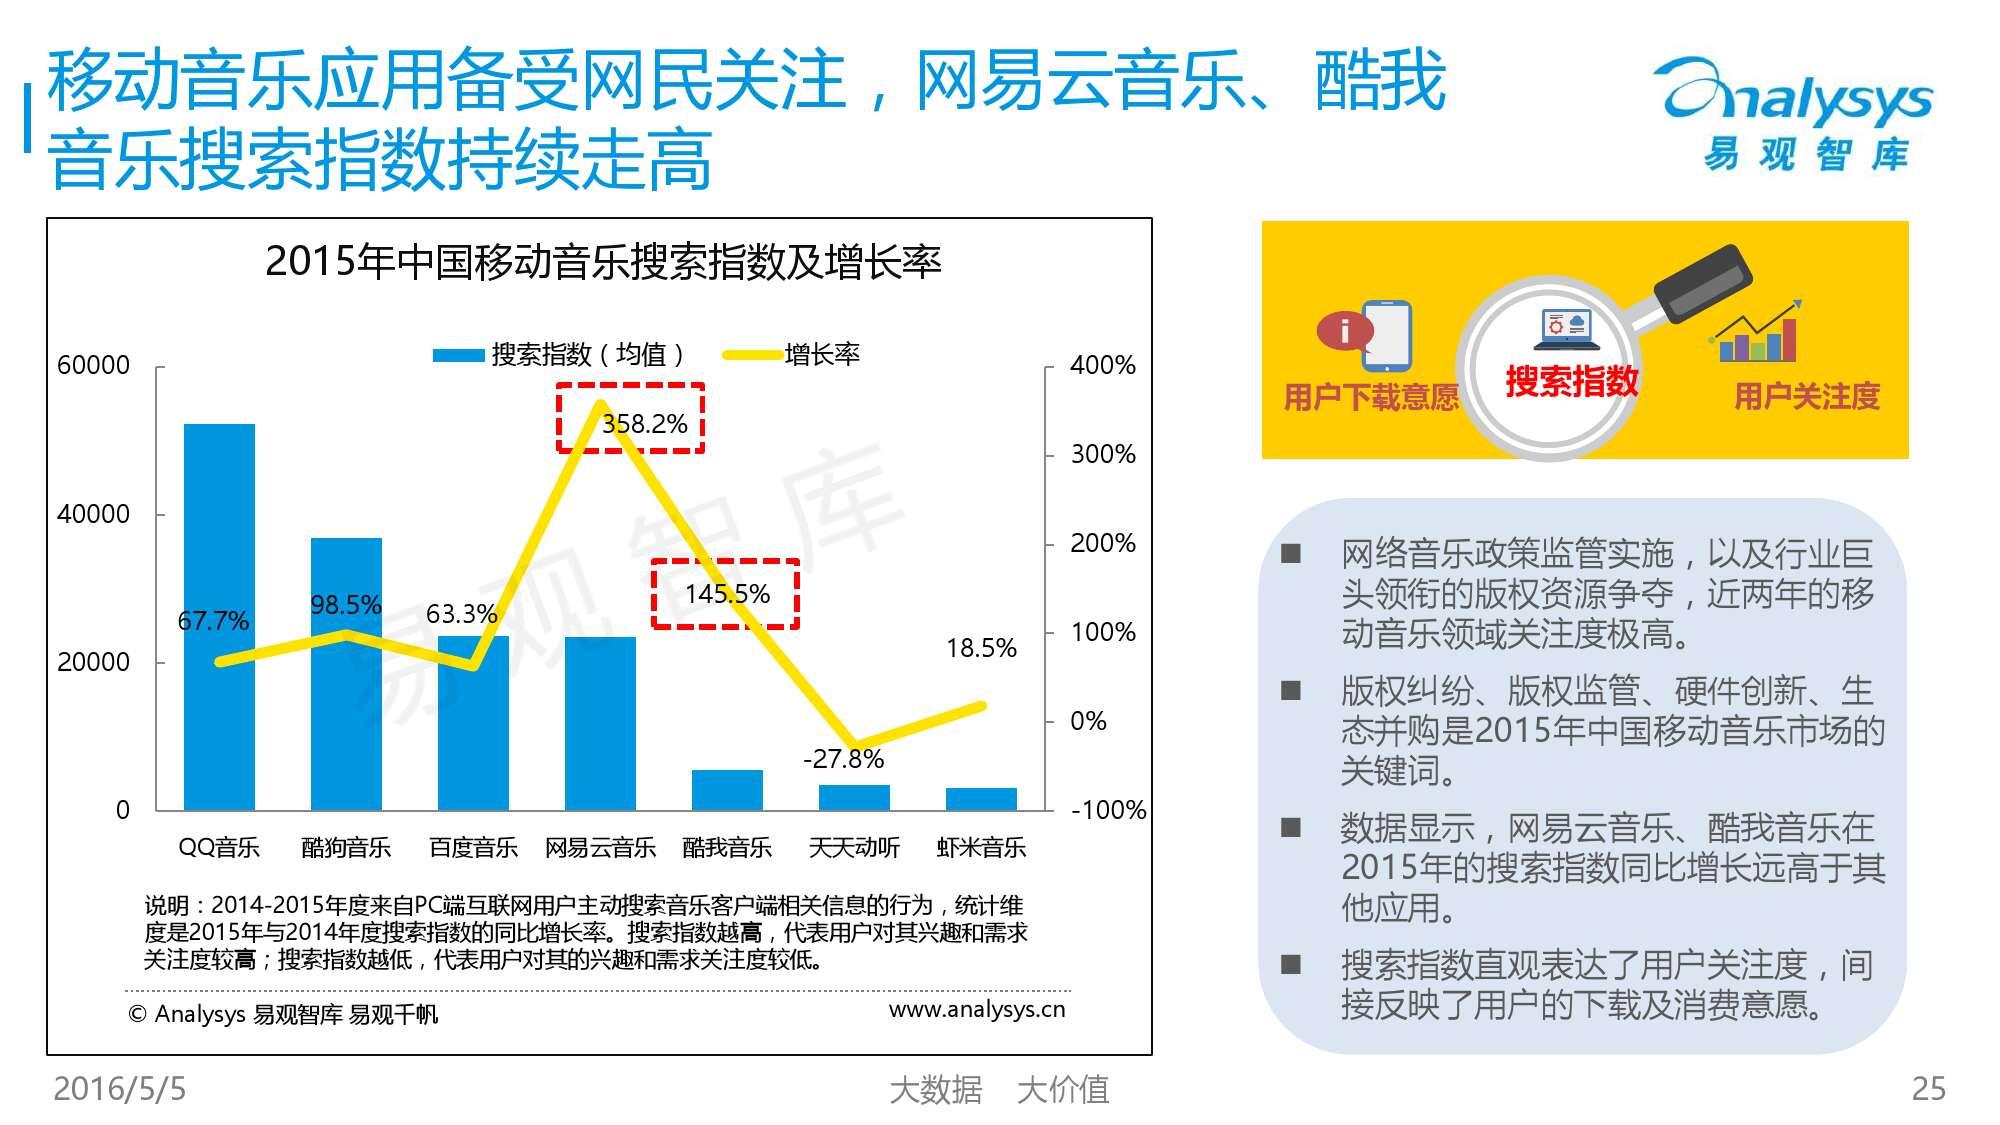 2016中国移动音乐市场年度综合报告_000025